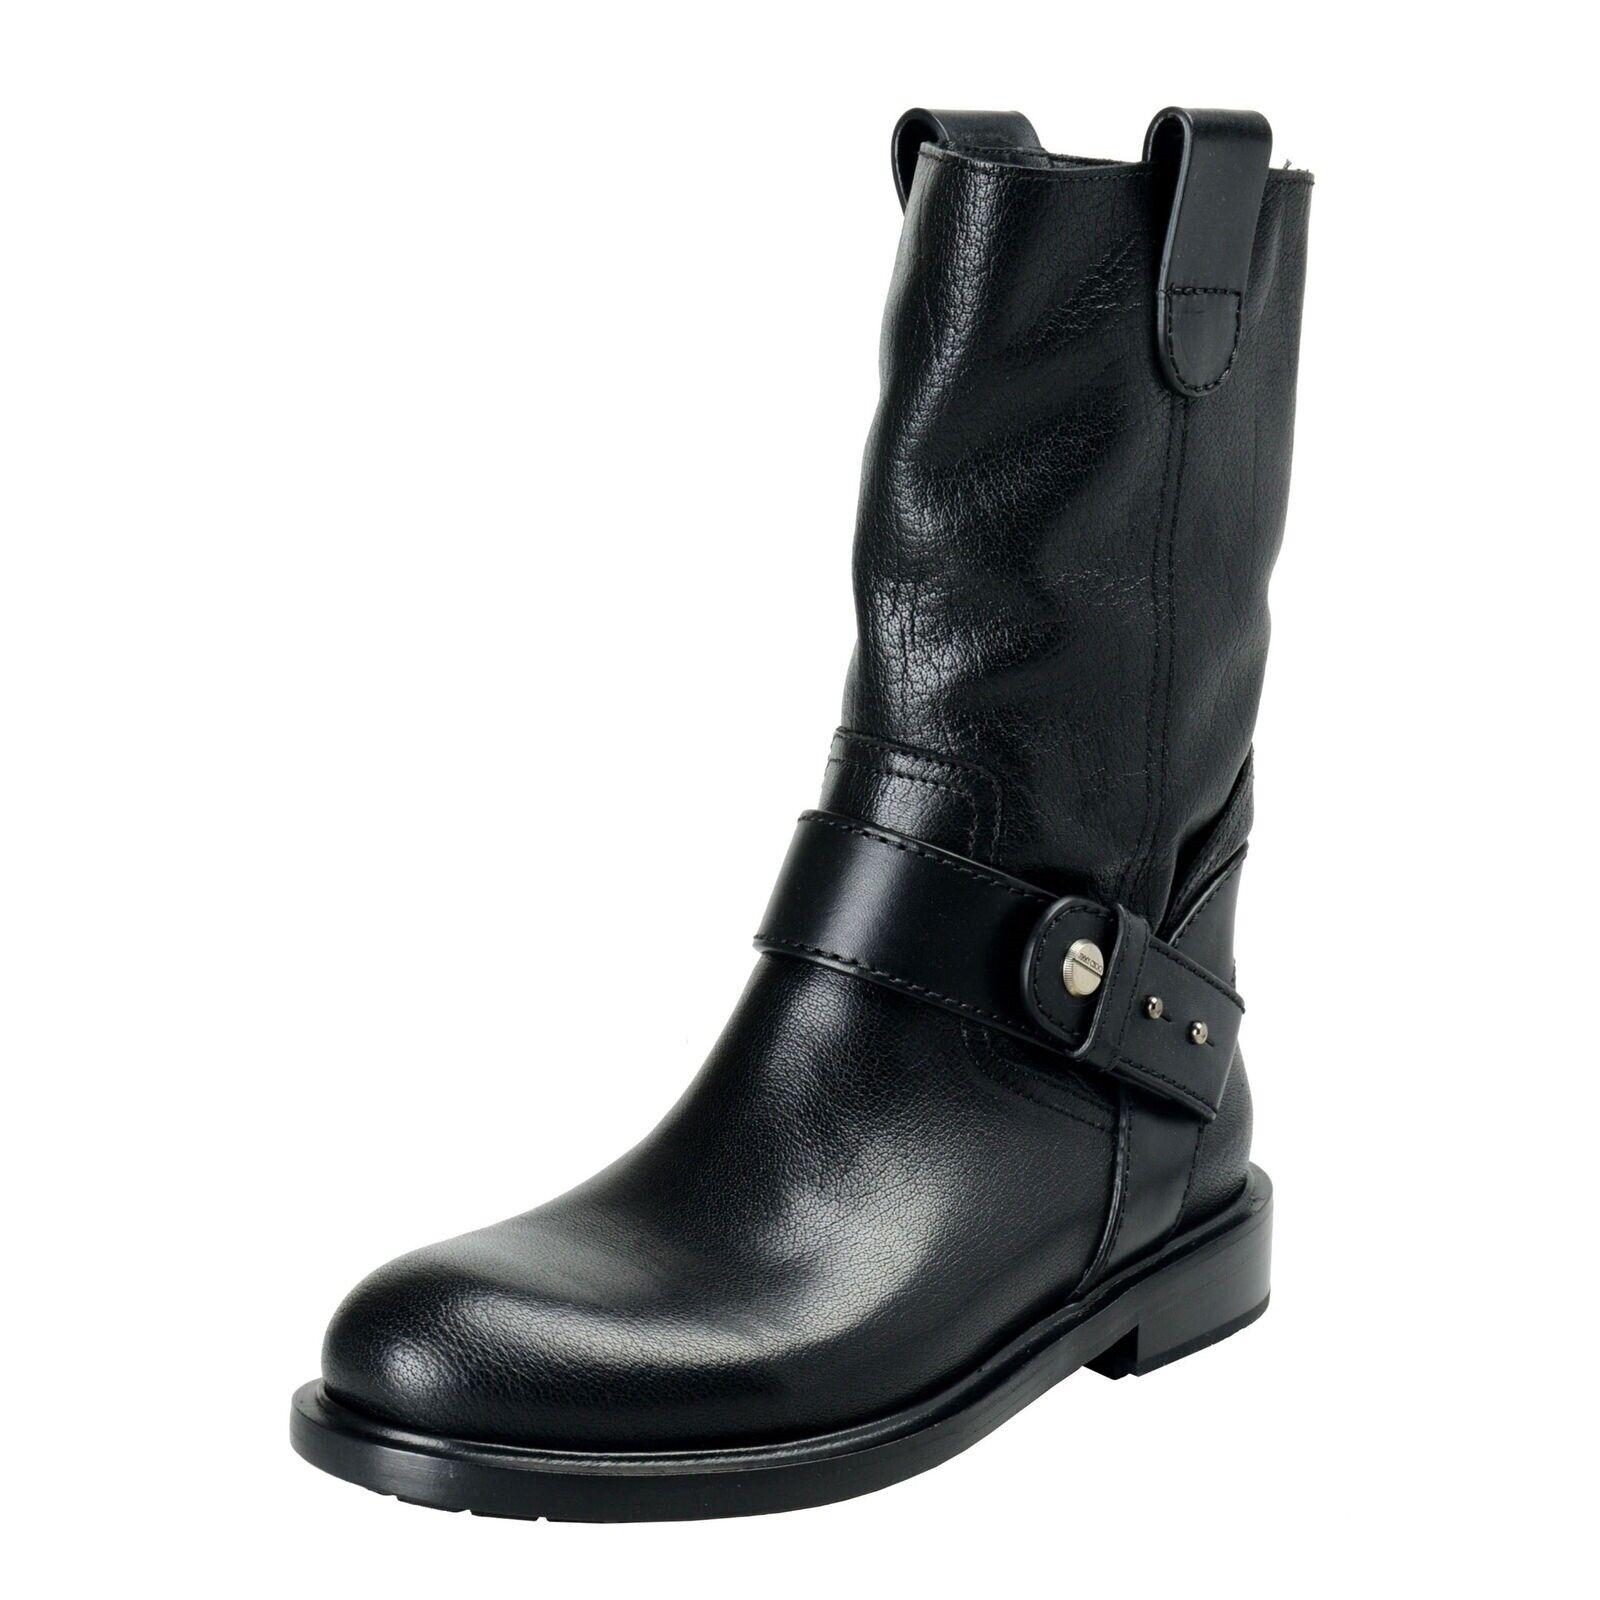 Jimmy Choo para Hombre Negro Zapatos botas de moto de cuero con guijarros EE. UU. 8 it 41